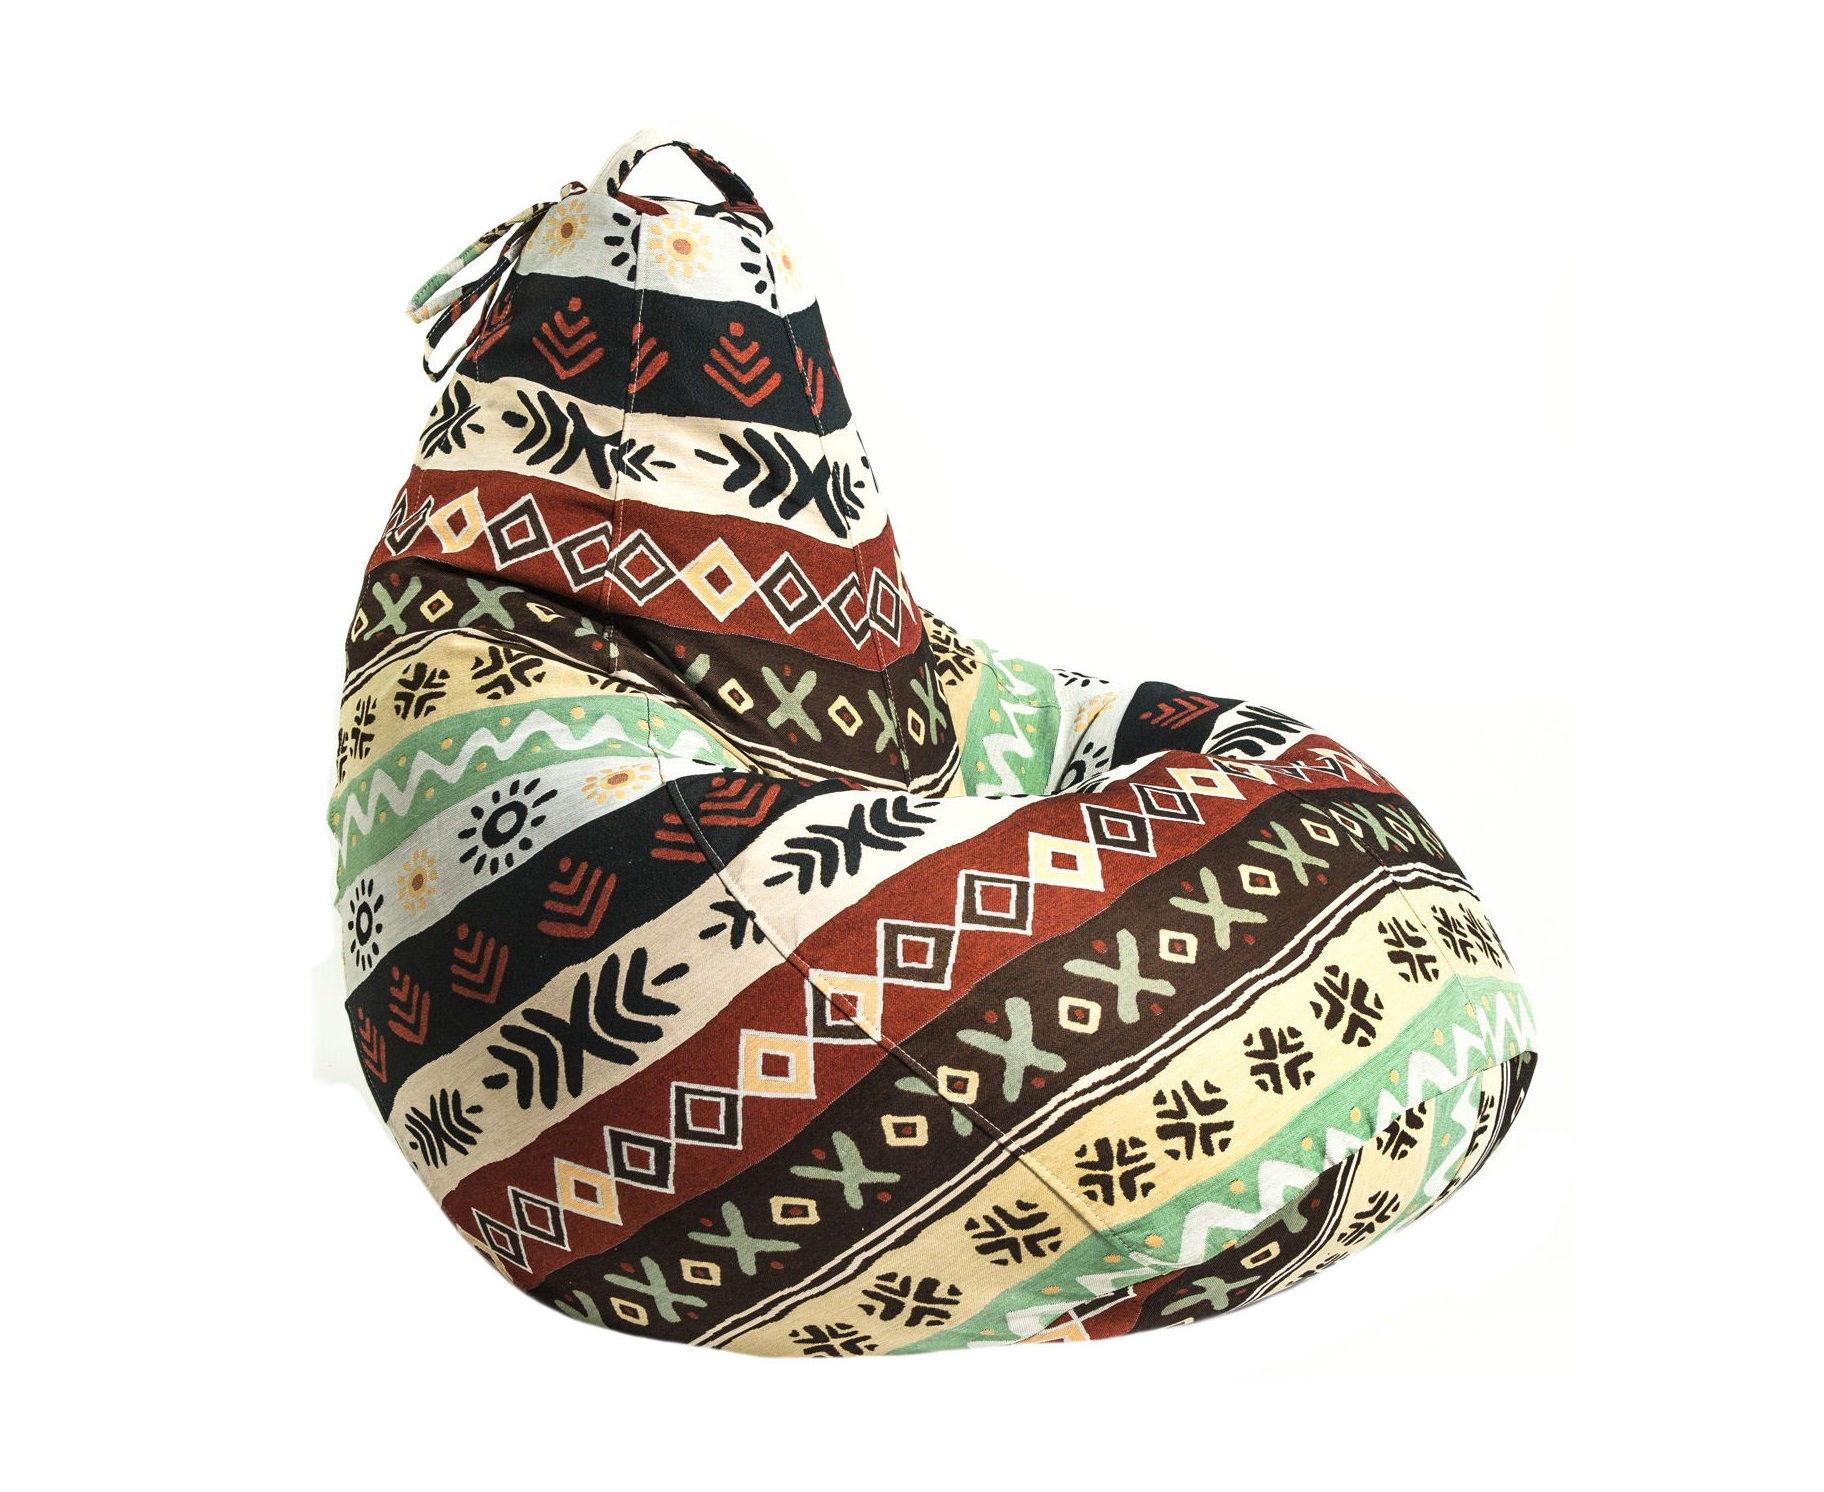 Бескаркасное креслоКресла-мешки<br>Бескаркасное кресло-мешок Boss - это кресло большого размера, которое хорошо поддерживает спину и плечи. Это делает кресло удобным для отдыха. Ткань - гобелен с самобытным этническим рисунком.&amp;amp;nbsp;<br><br>Material: Текстиль<br>Ширина см: 95<br>Высота см: 150<br>Глубина см: 95